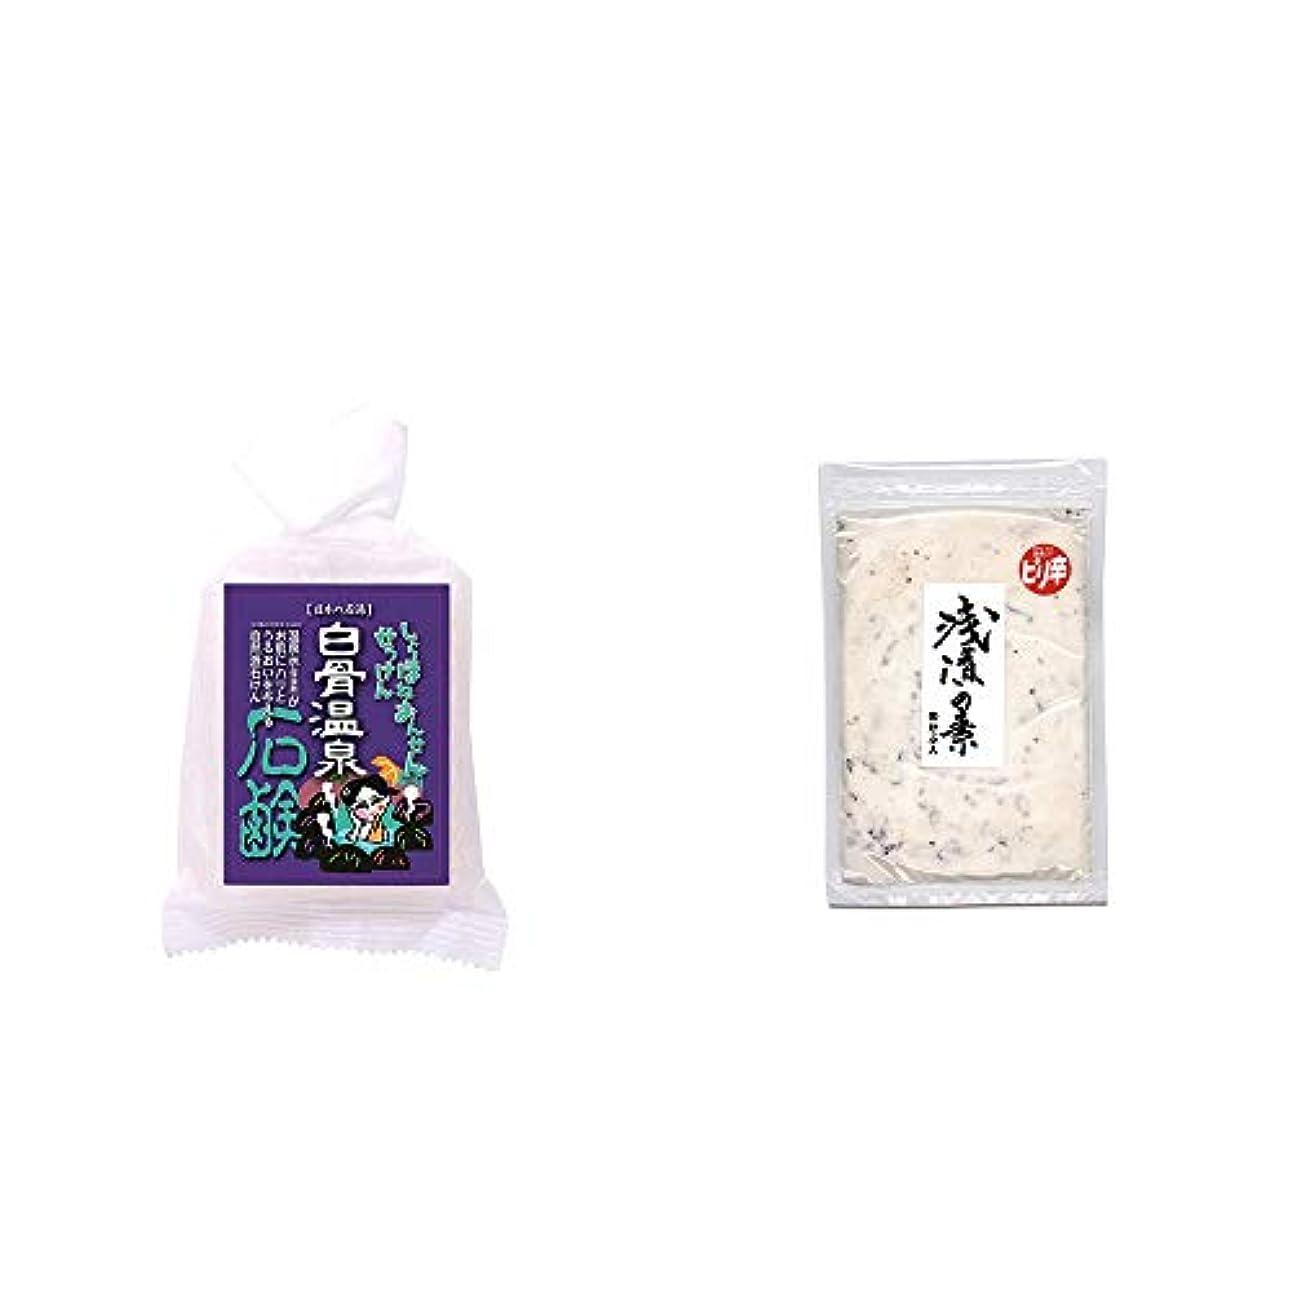 メロドラマ浅い祖母[2点セット] 信州 白骨温泉石鹸(80g)?浅漬けの素[小](150g)